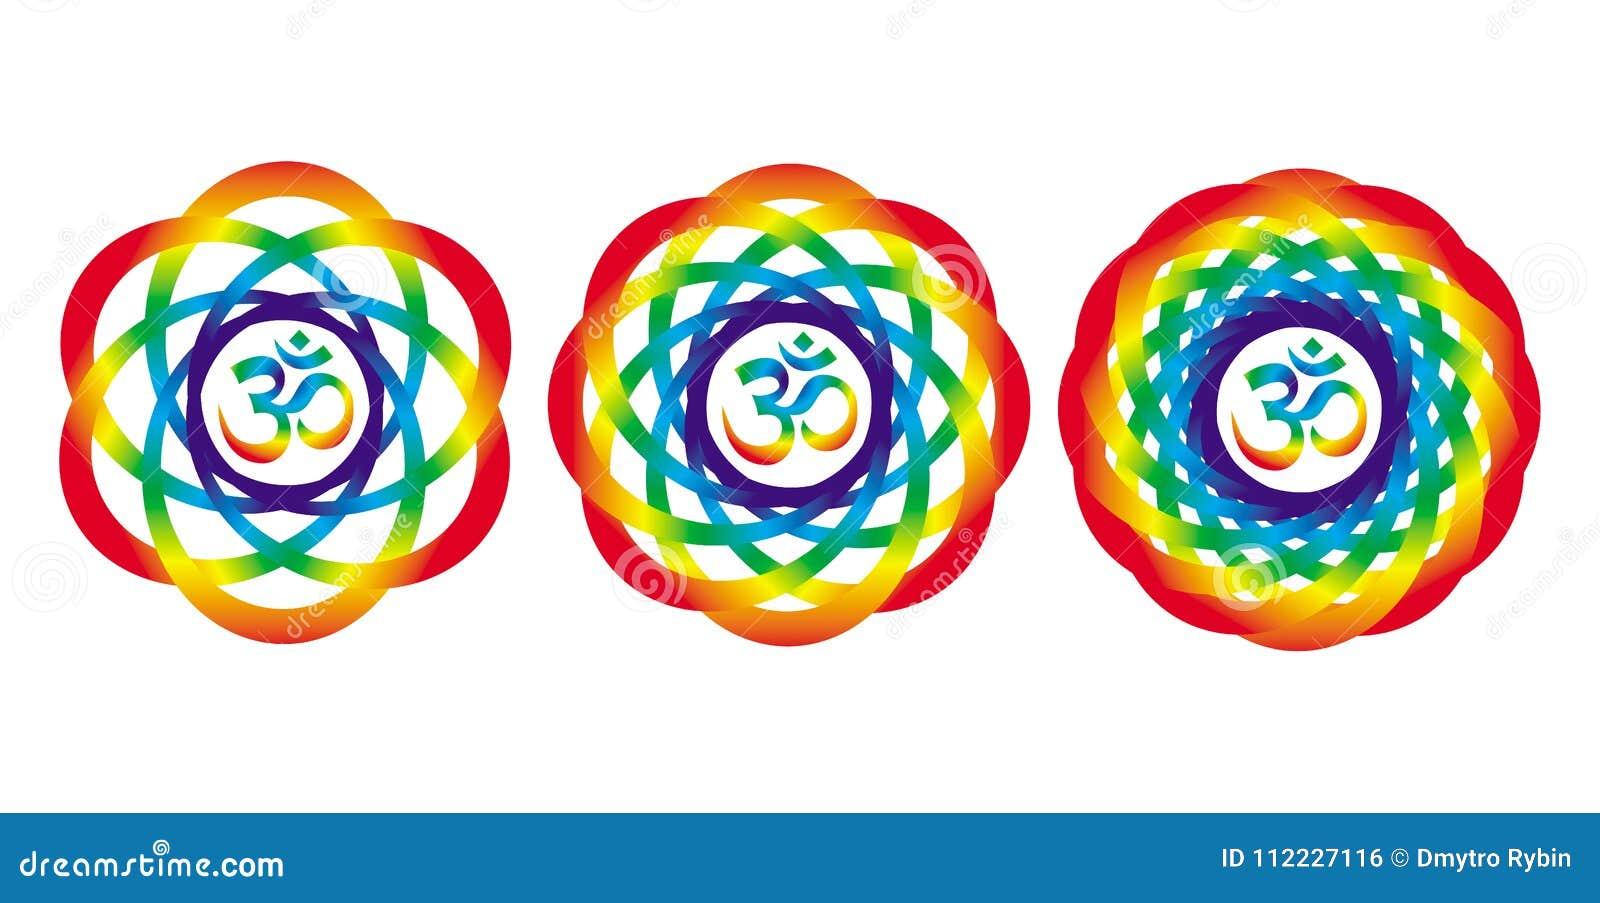 Mandala dell arcobaleno con un segno di Aum OM Oggetto artistico astratto